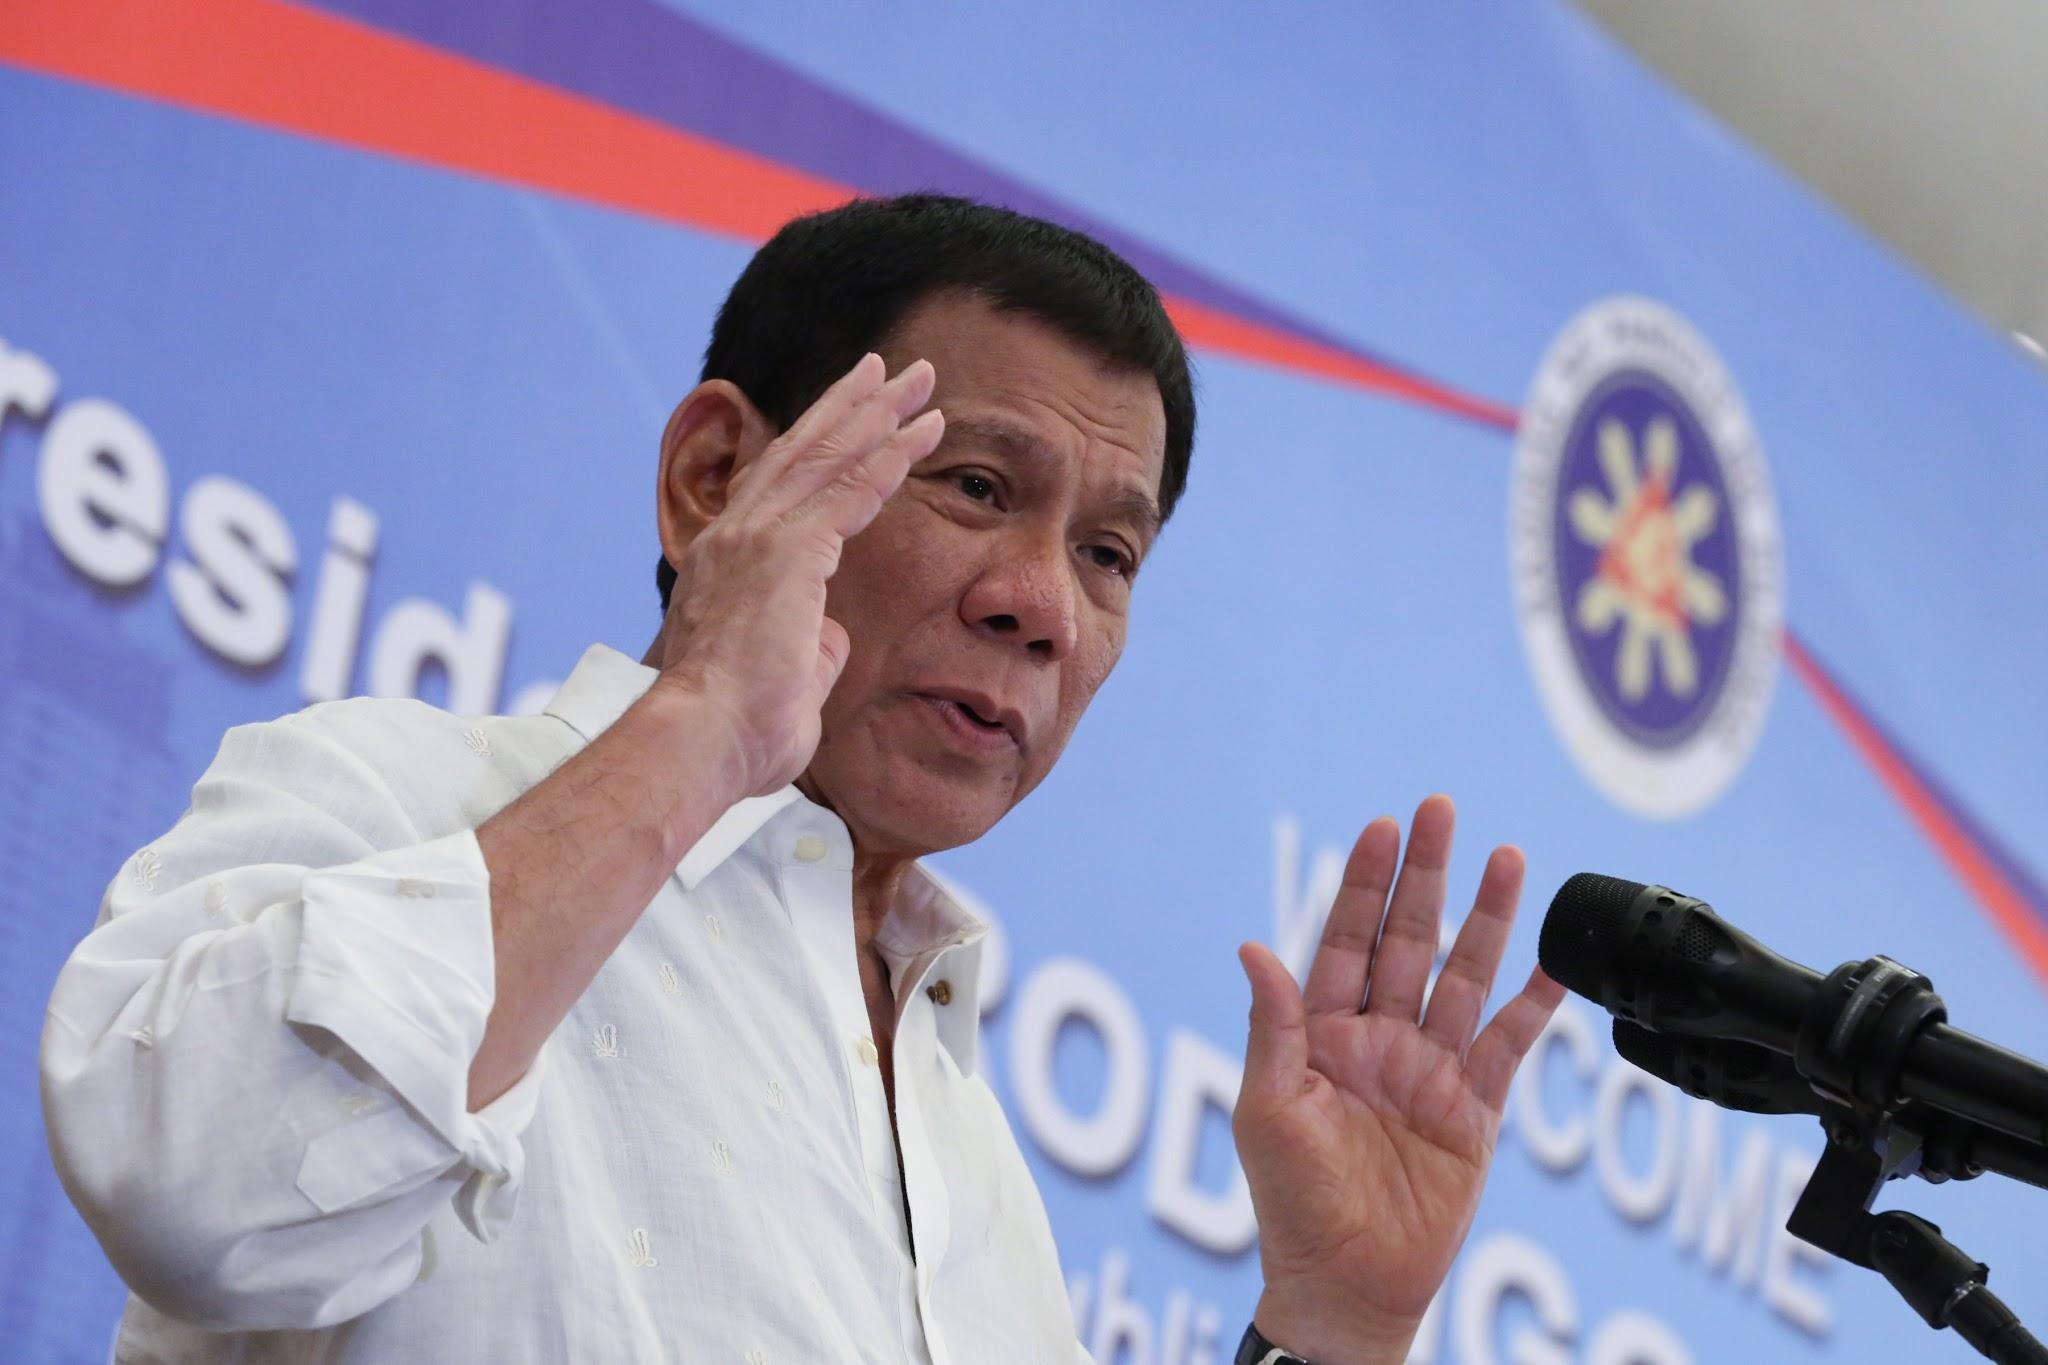 UPDATE 4-Duterte terminates Philippines troop pact, U.S. calls move 'unfortunate'